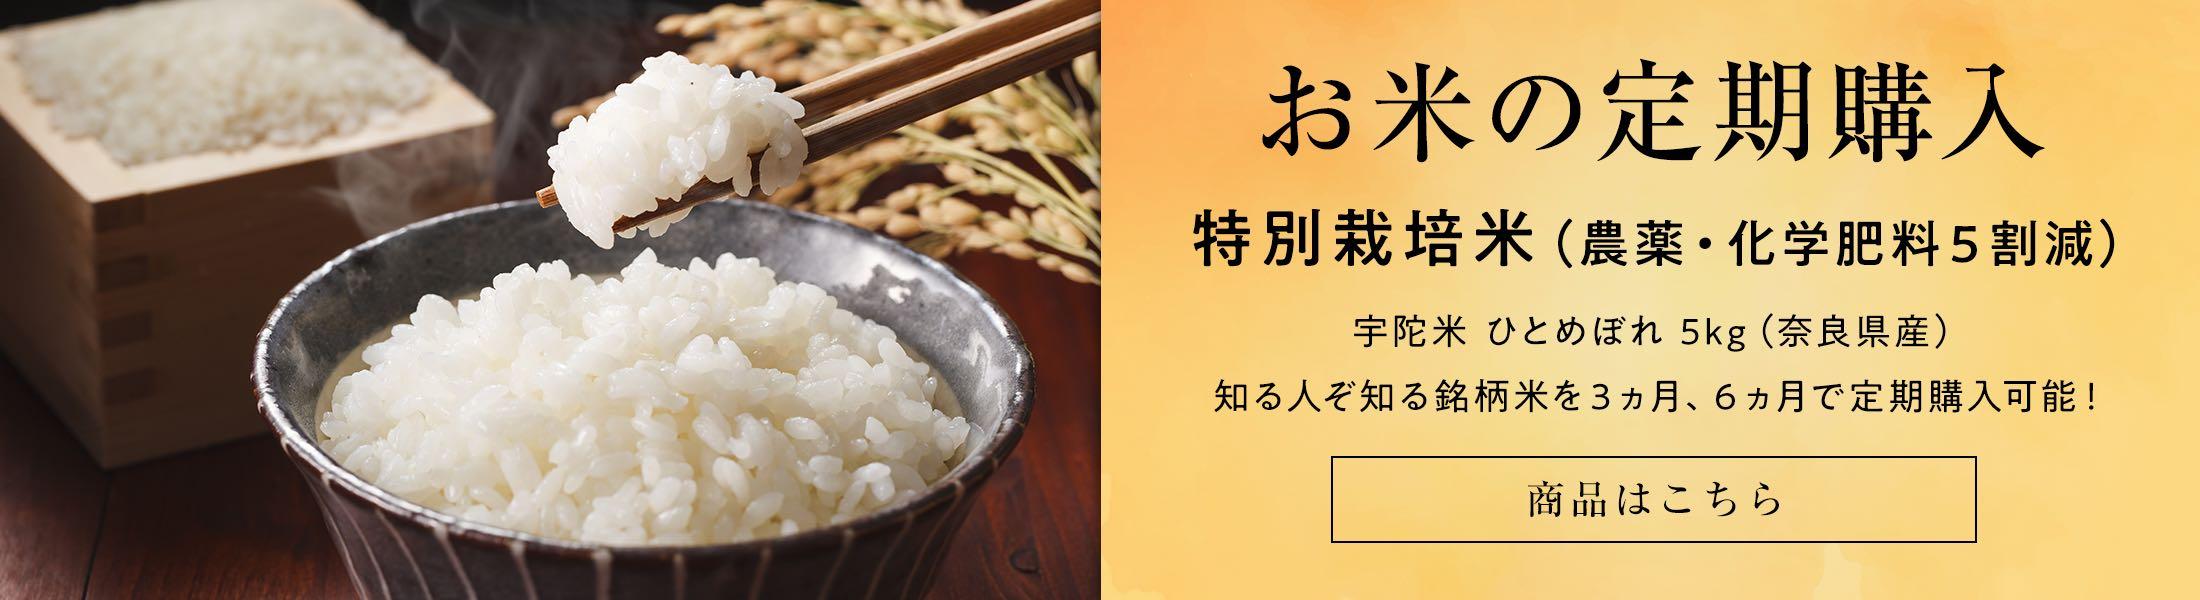 お米の定期購入 特別栽培米(農薬・化学肥料5割減)